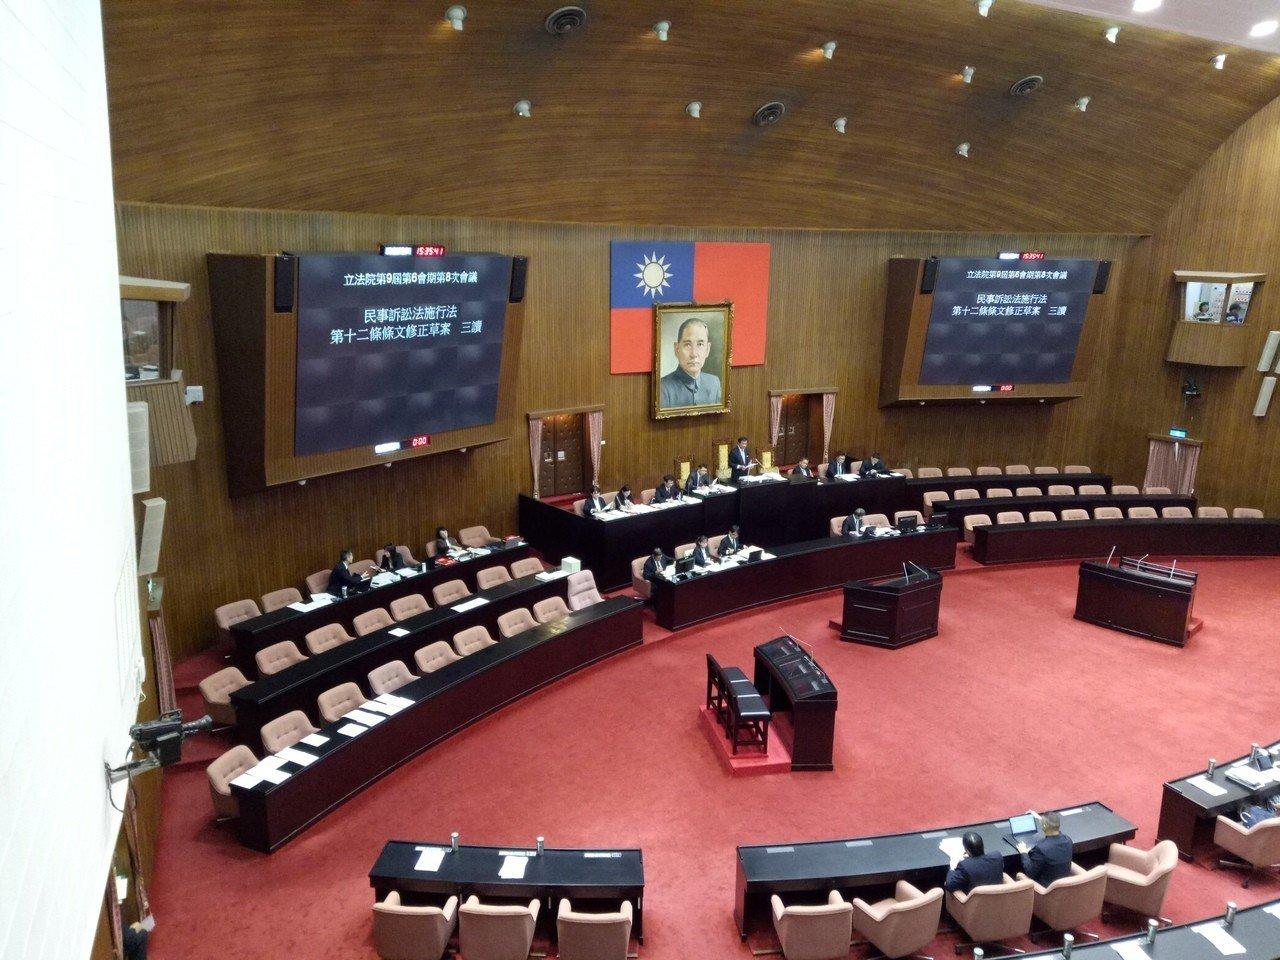 立法院9日三讀通過「就業服務法」部分條文修正案等多項法案。記者林河名/攝影